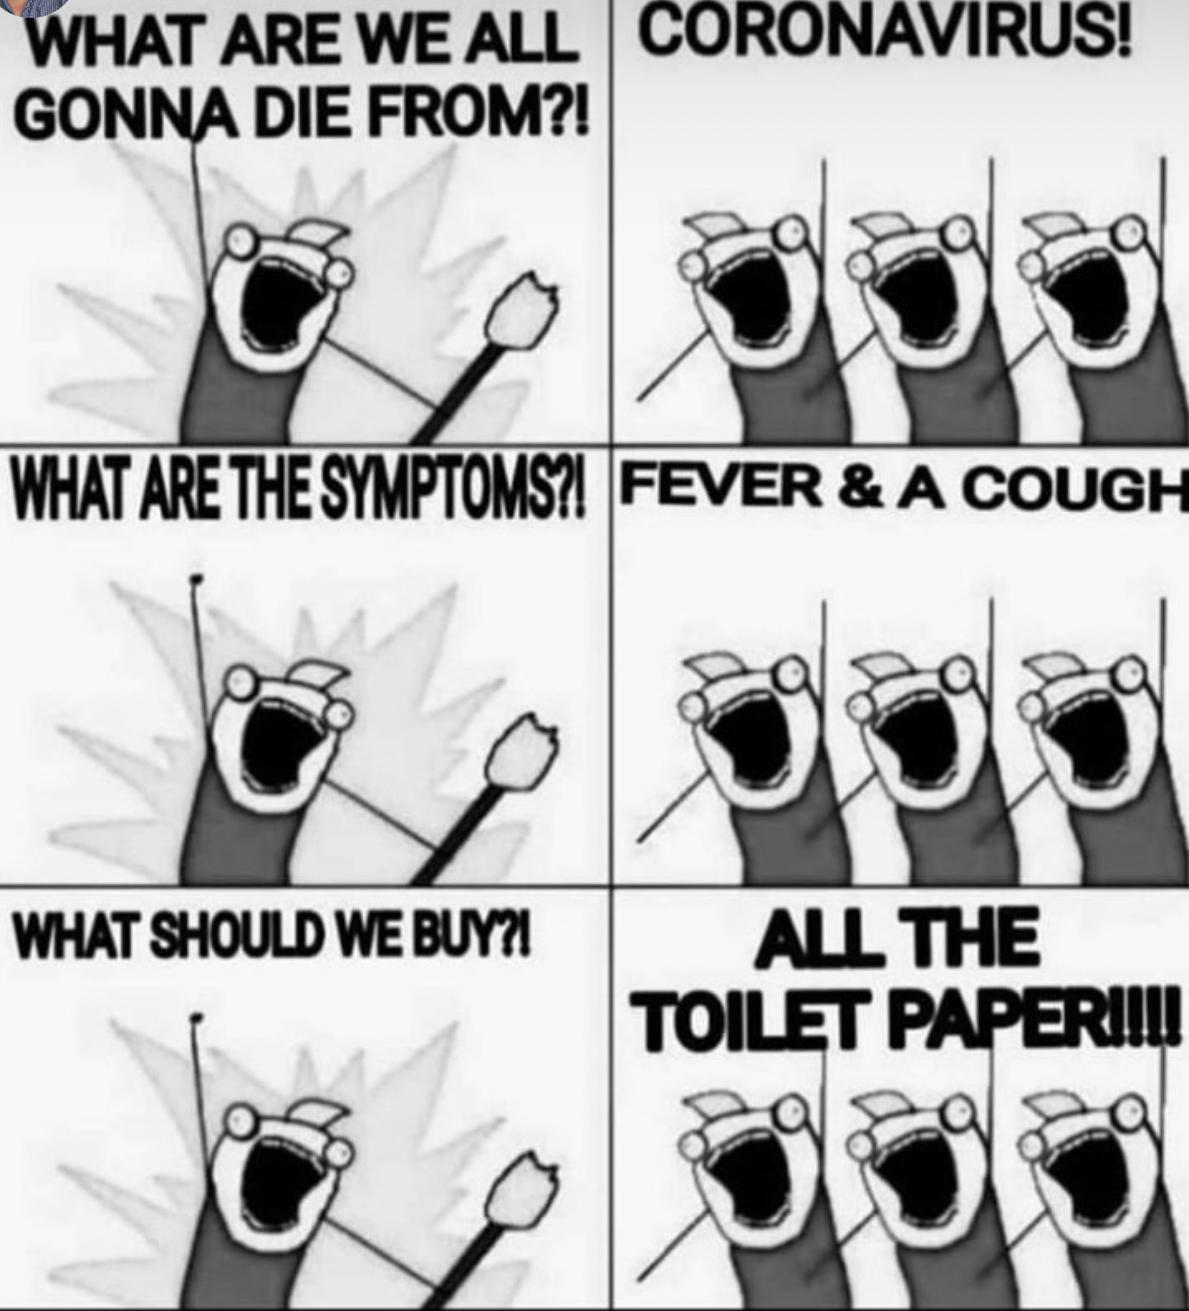 Hva er greia med å hamstre dopapir? - Koronavirus - Kvinneguiden Forum